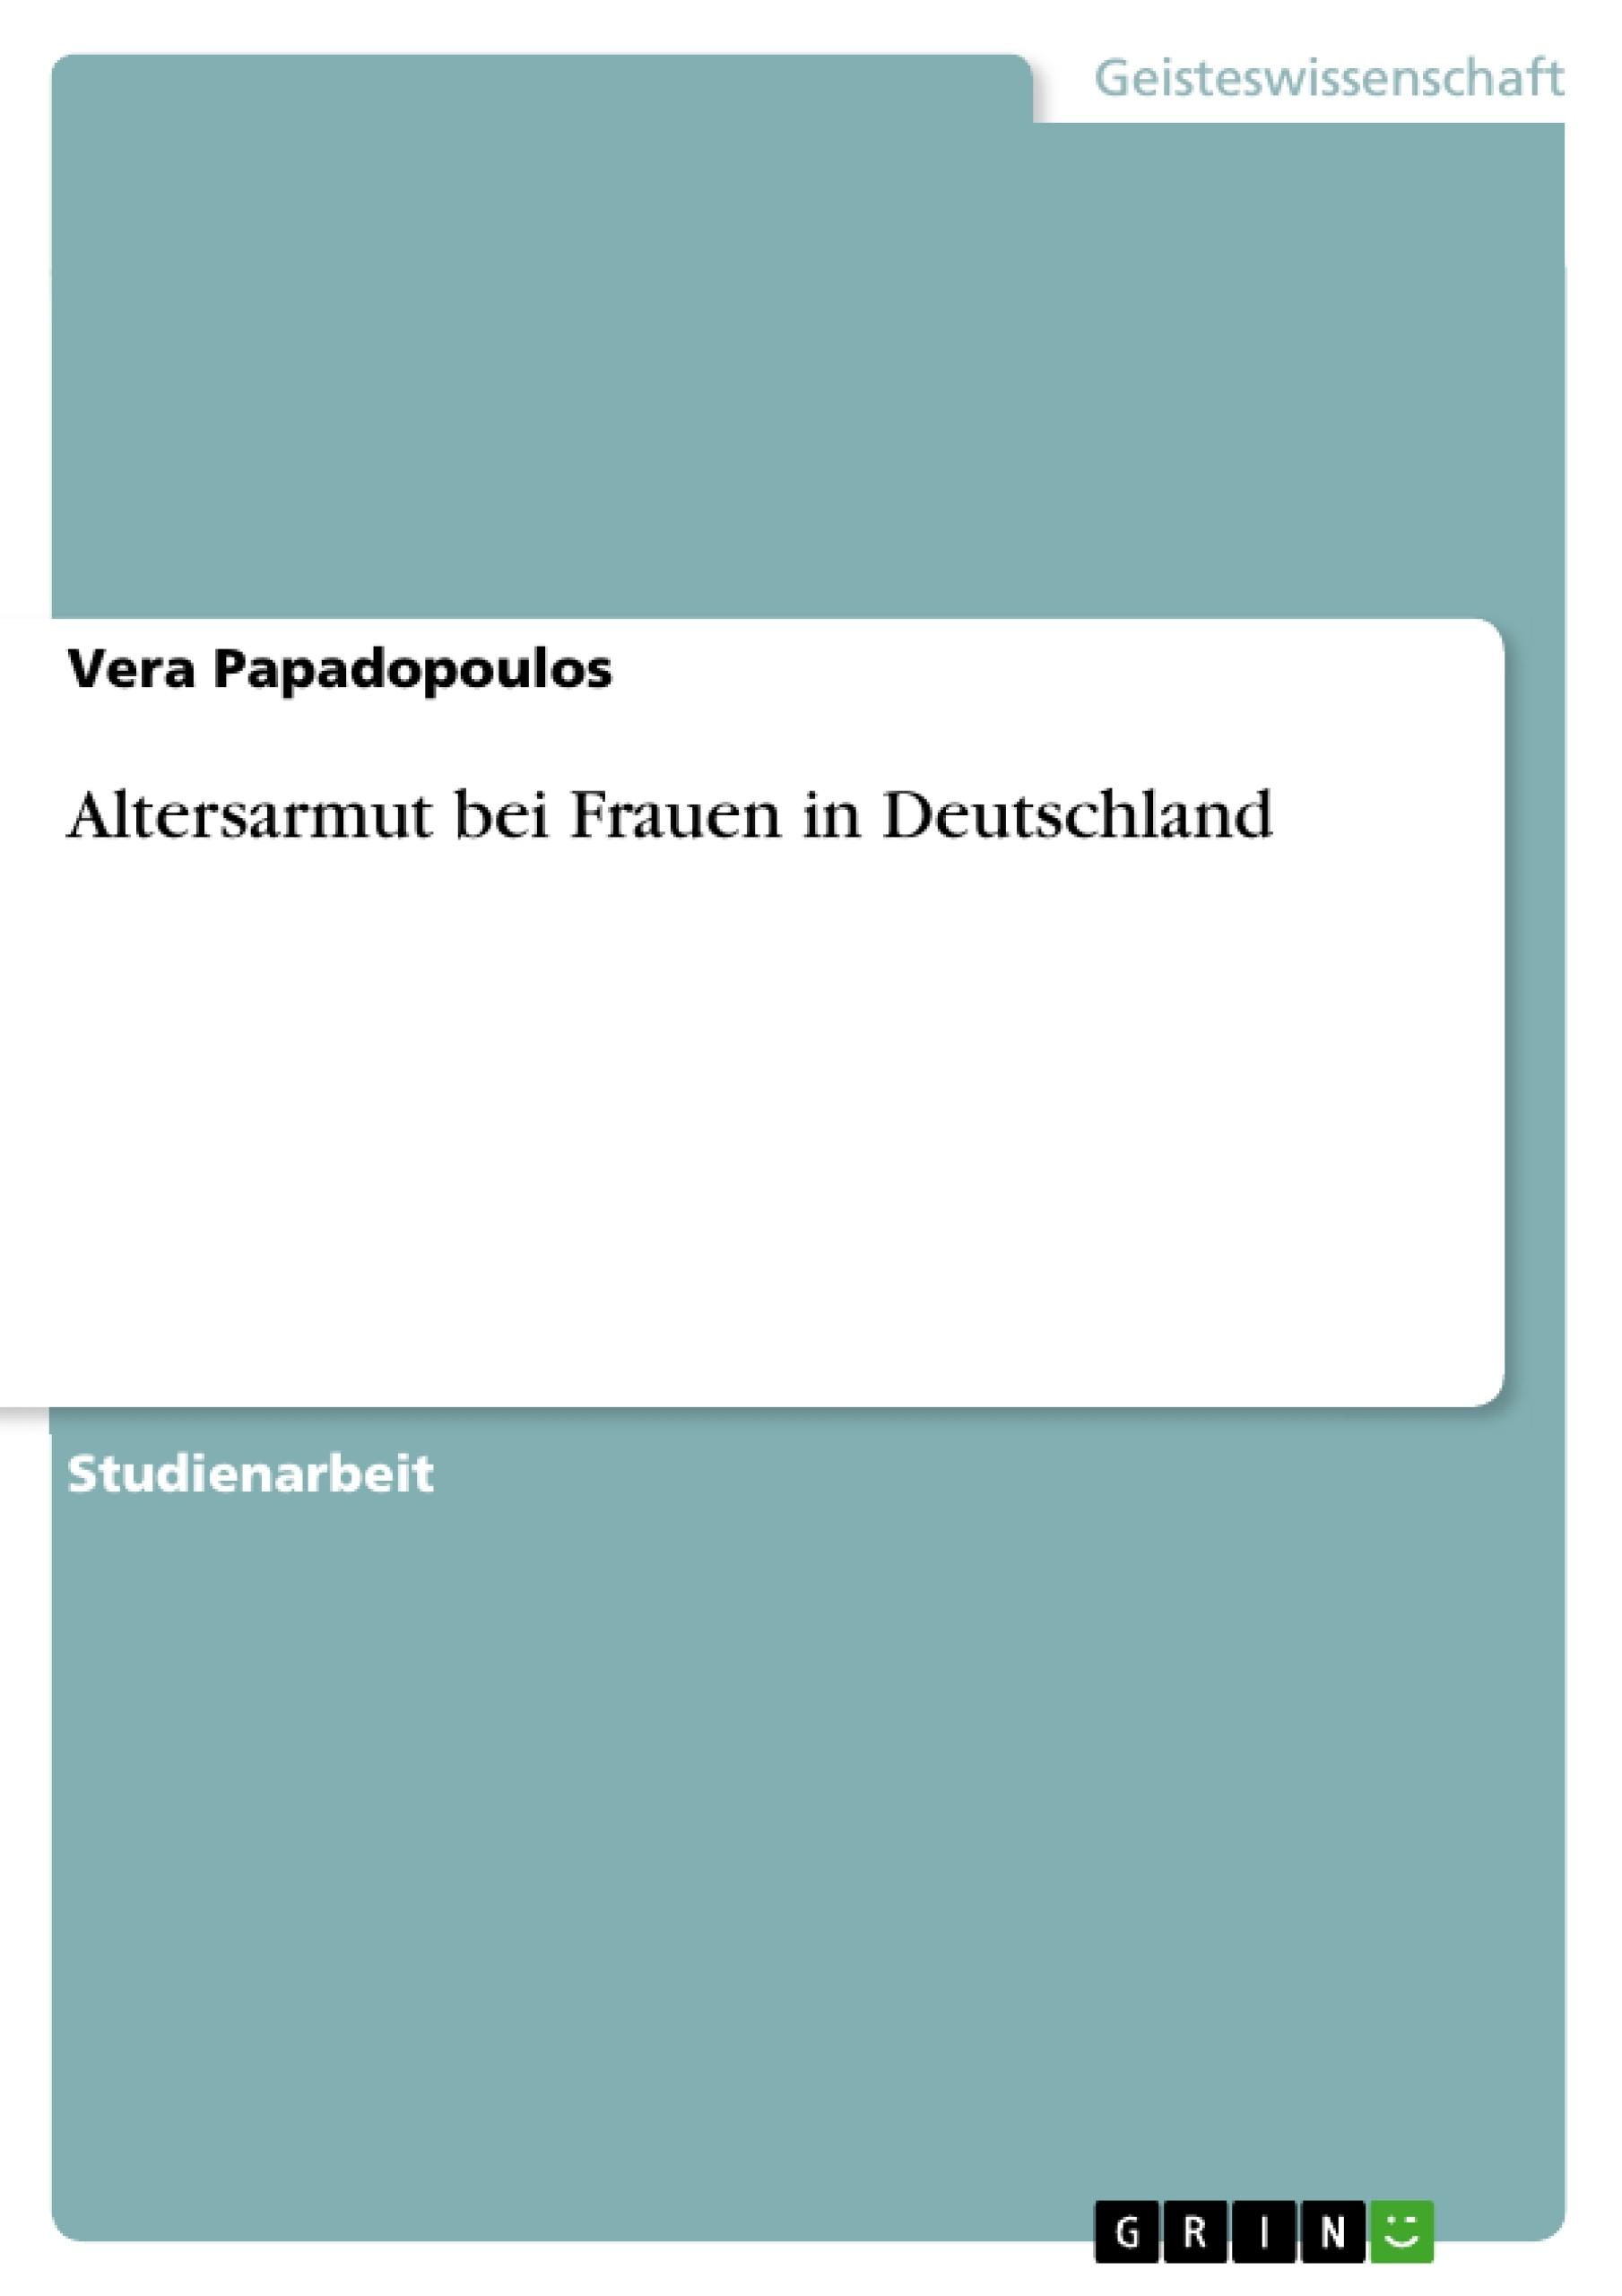 Titel: Altersarmut bei Frauen in Deutschland